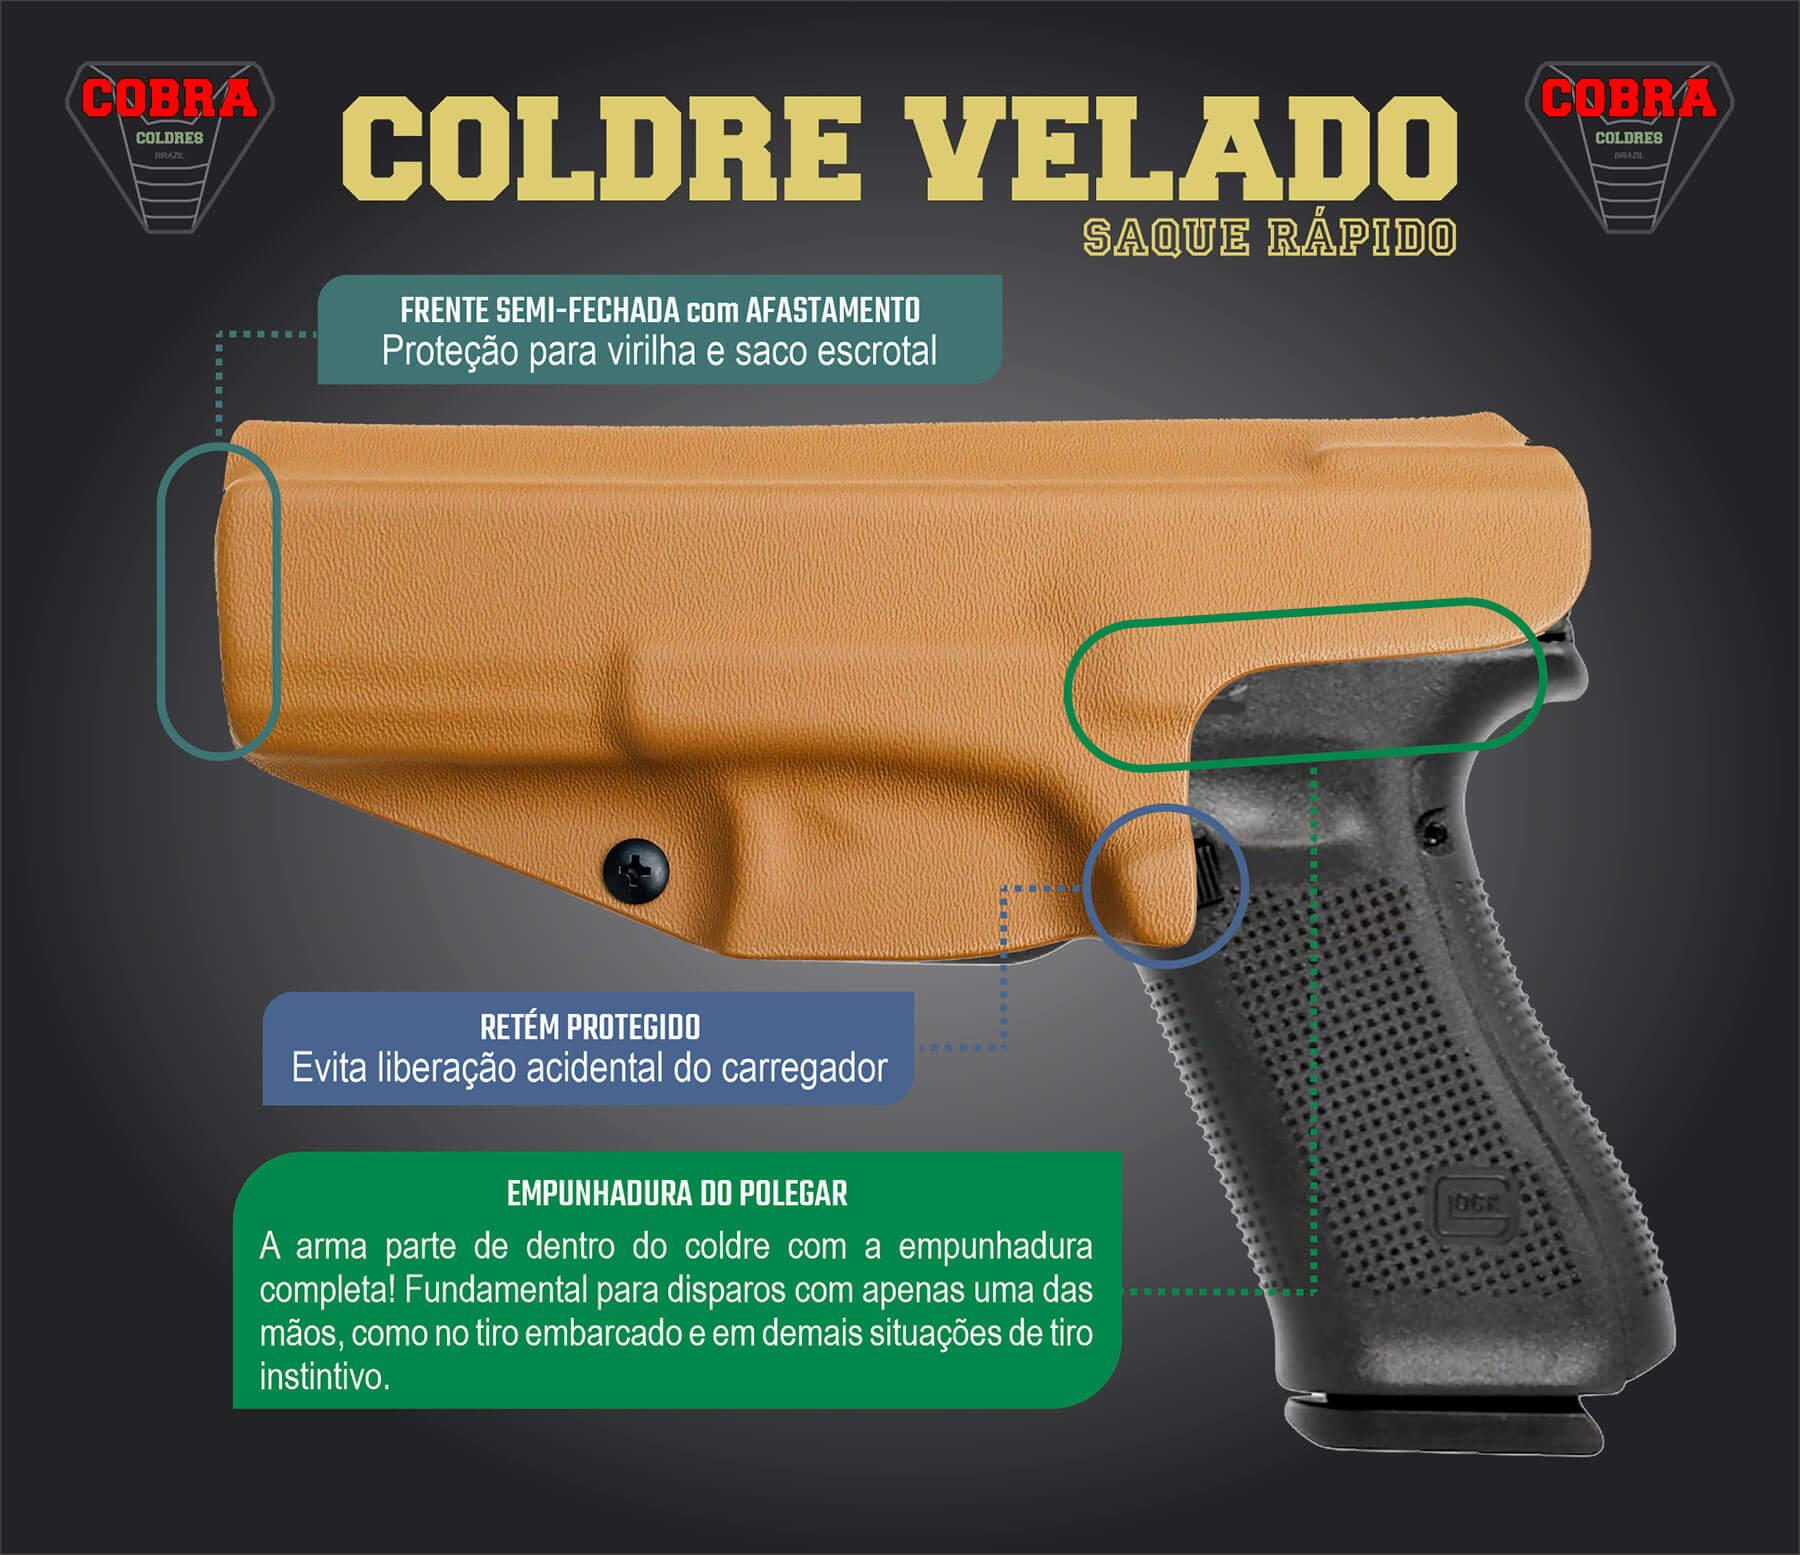 Coldre [G19] [G19x] [G25] [G23] [G32] [G38] [G45] Glock Saque Rápido Velado Kydex® - Carbono